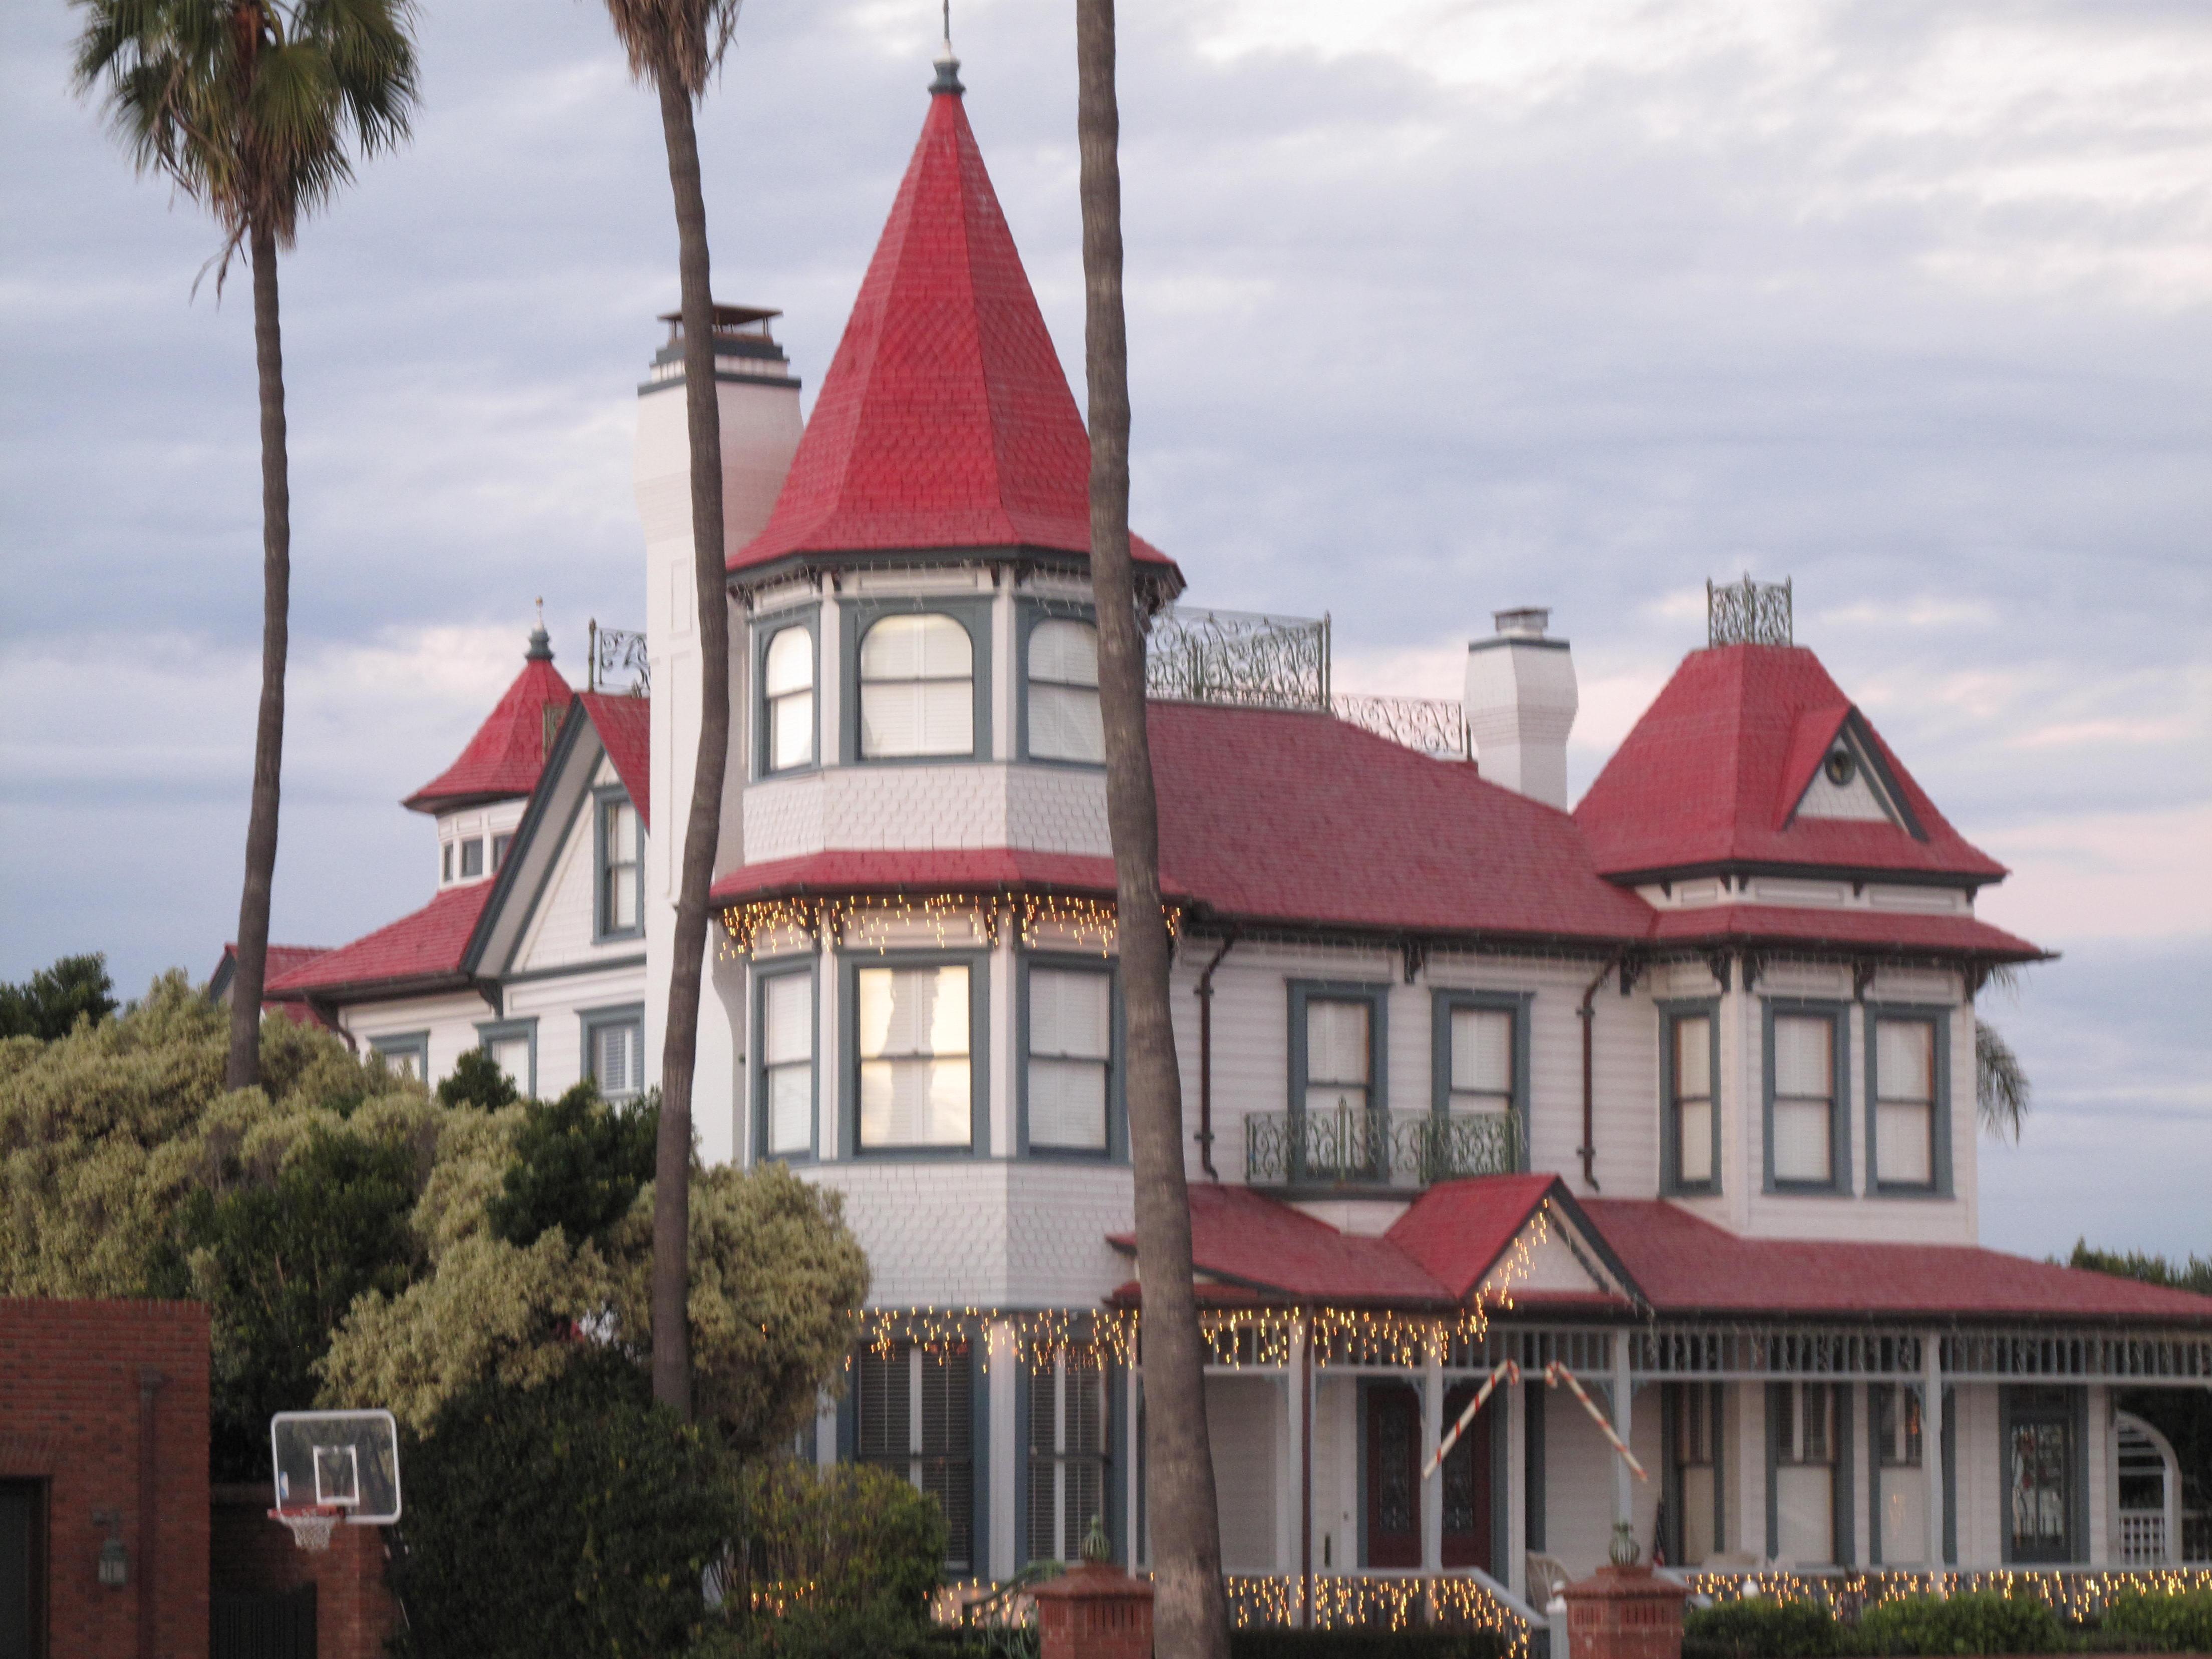 A house near the Hotel Del, Coronado